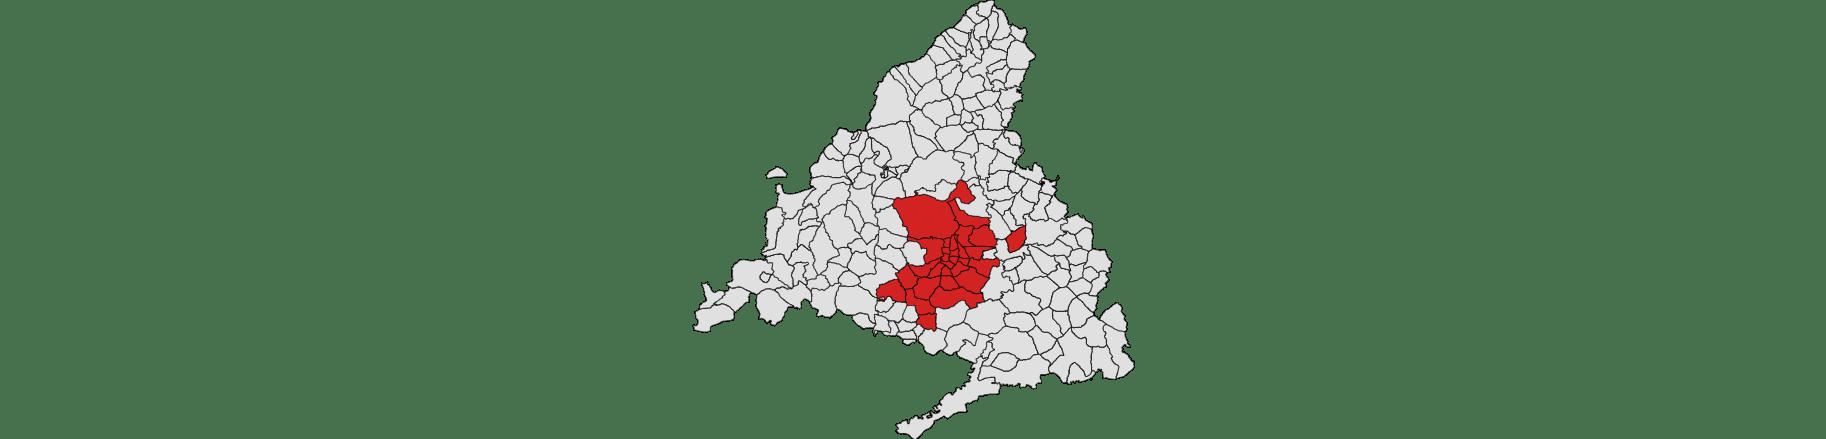 Restricciones Comunidad de Madrid